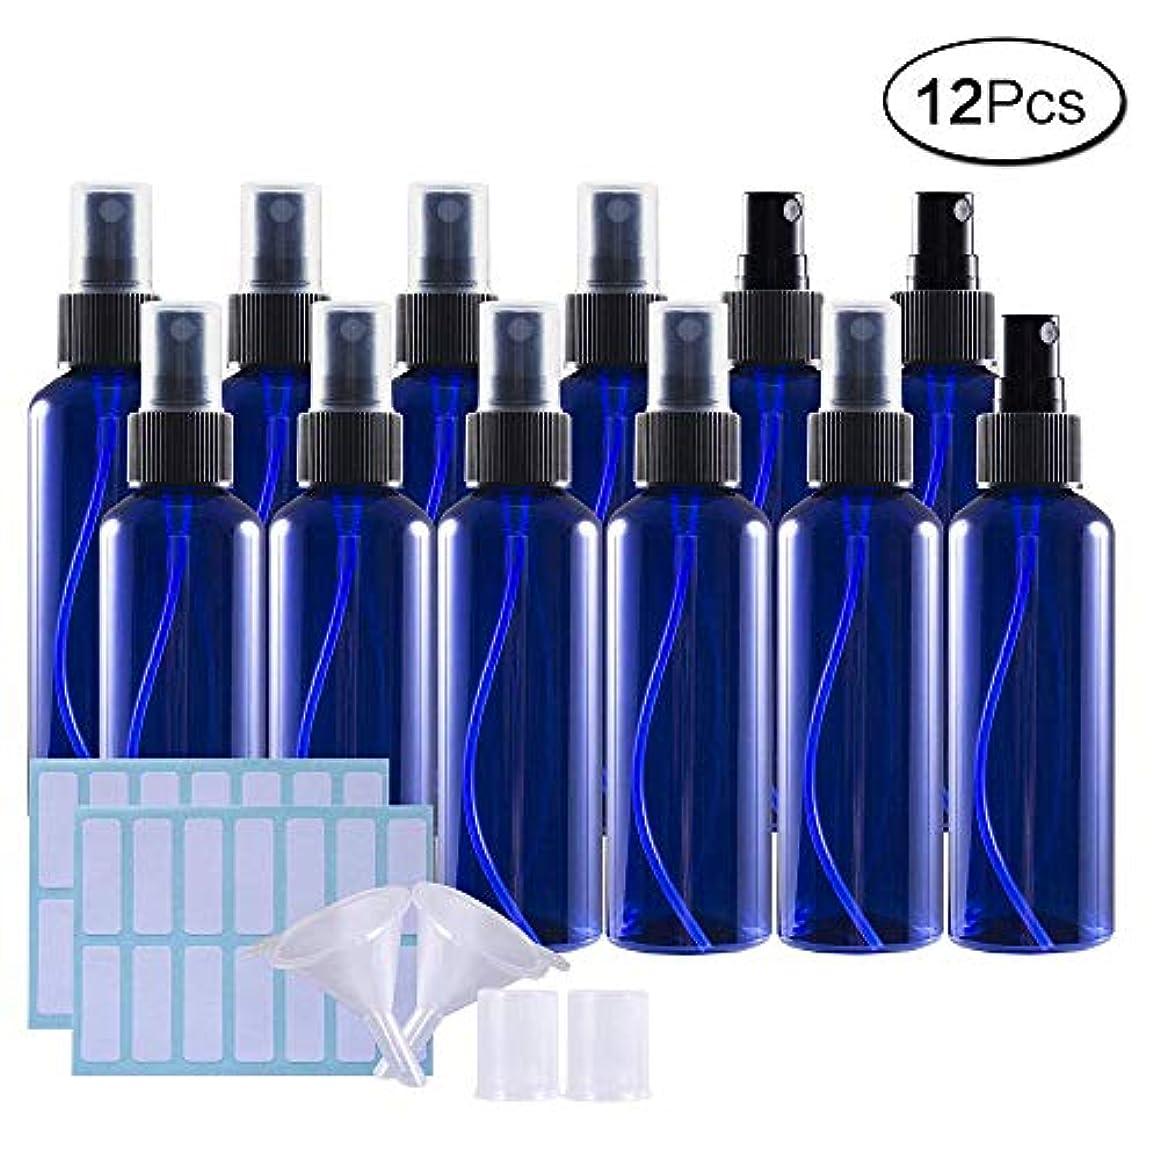 自然公園フォーマット先史時代の100mlスプレーボトル 12個セット遮光瓶 小分けボトル プラスチック容器 液体用空ボトル 化粧品 収納瓶